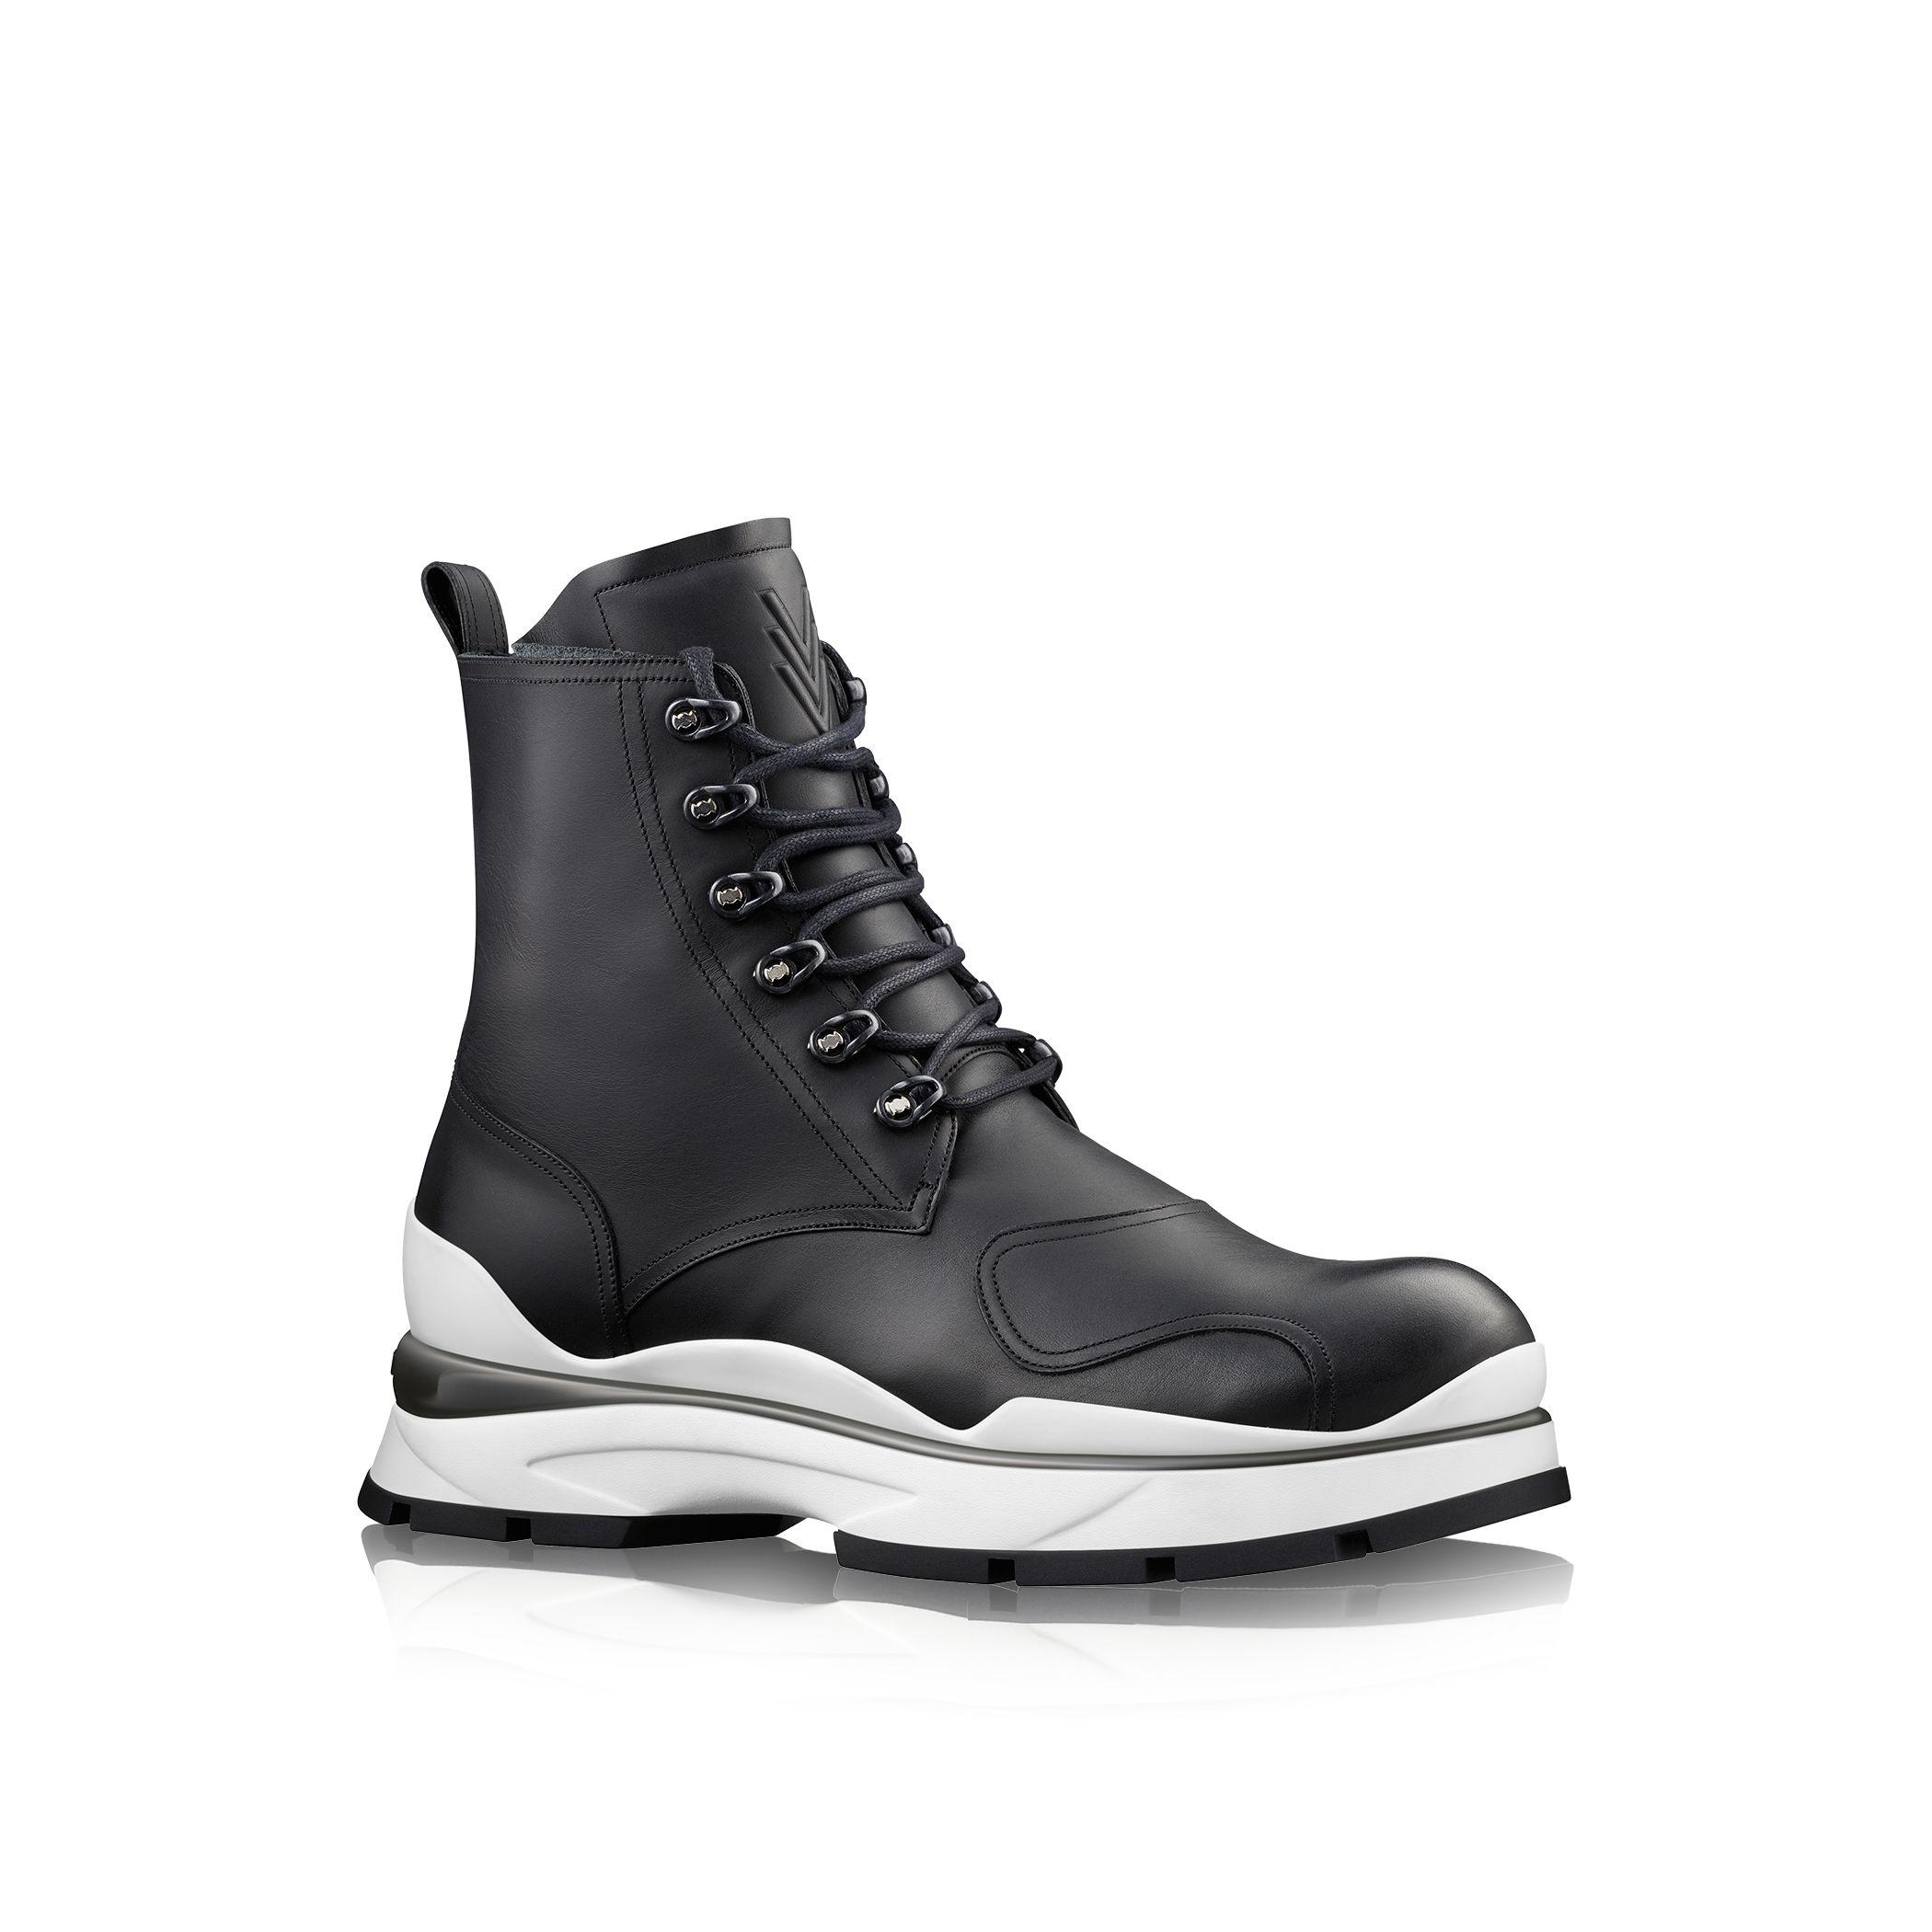 Louis Vuitton Black Shoes Mens